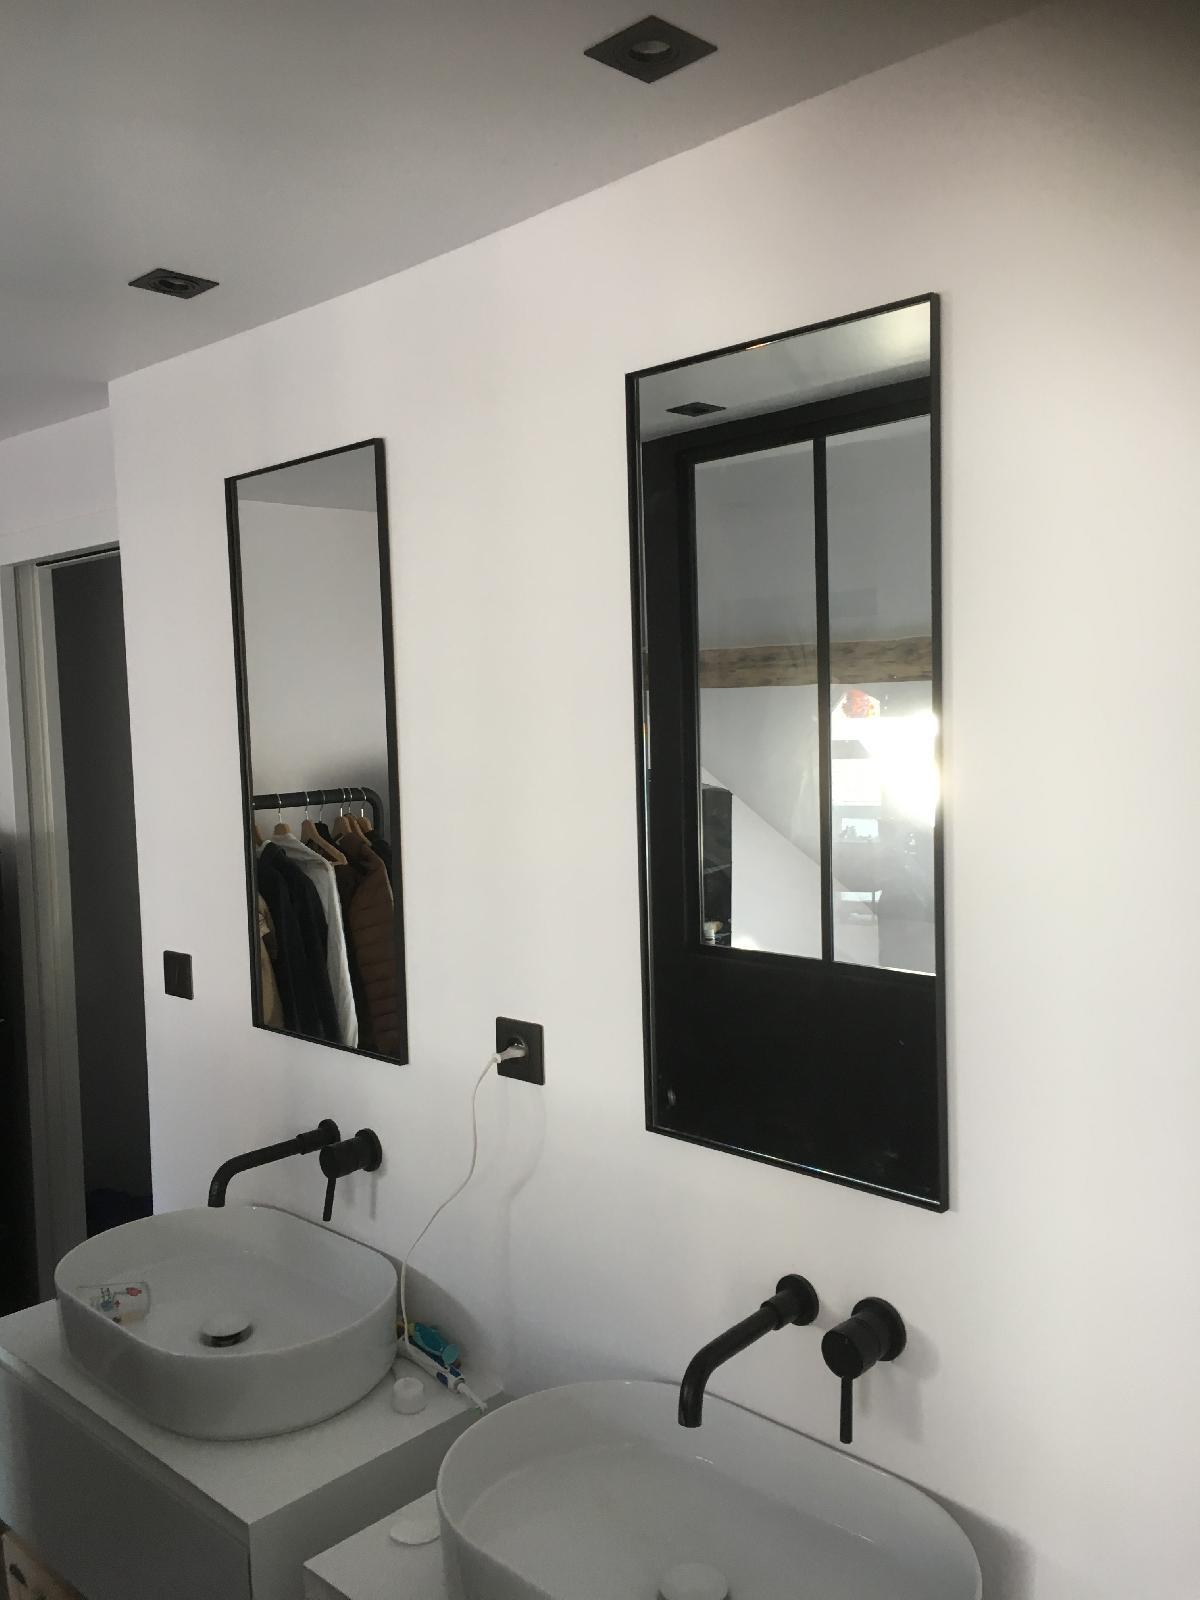 Miroirs épurés installés dans une SDB minimaliste (Rouen centre)